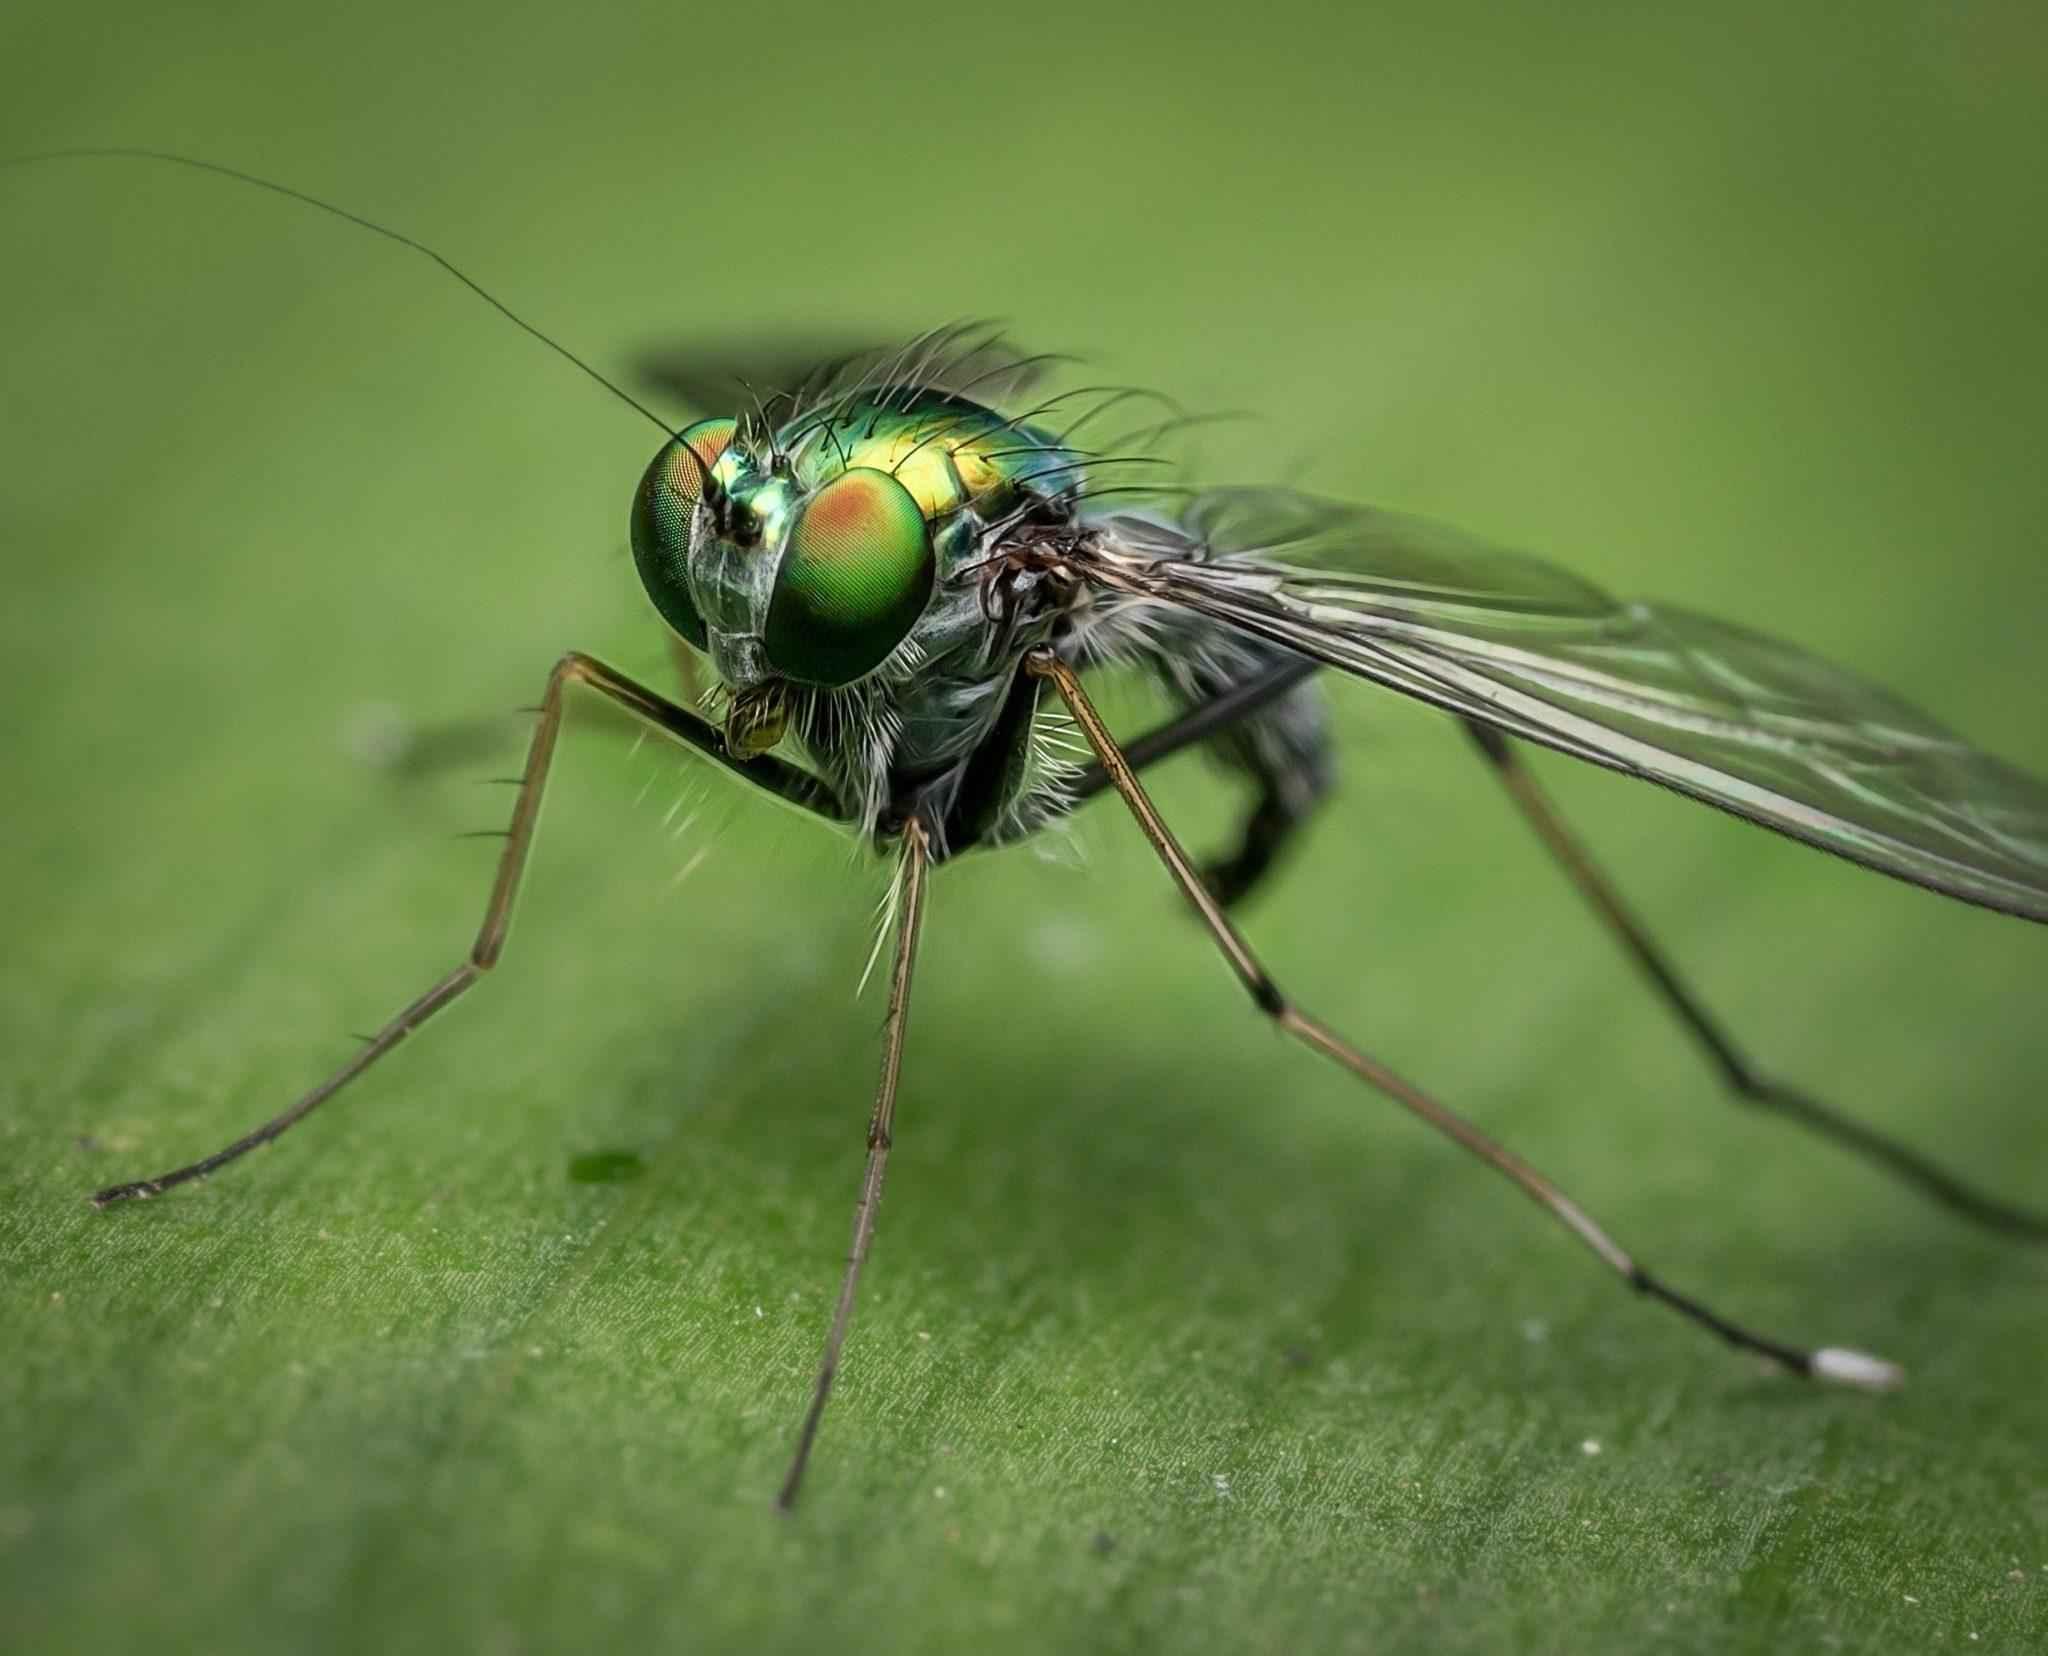 зеленая муха, глаза, лапы, крылья, насекомое, крупным планом, макросъемка